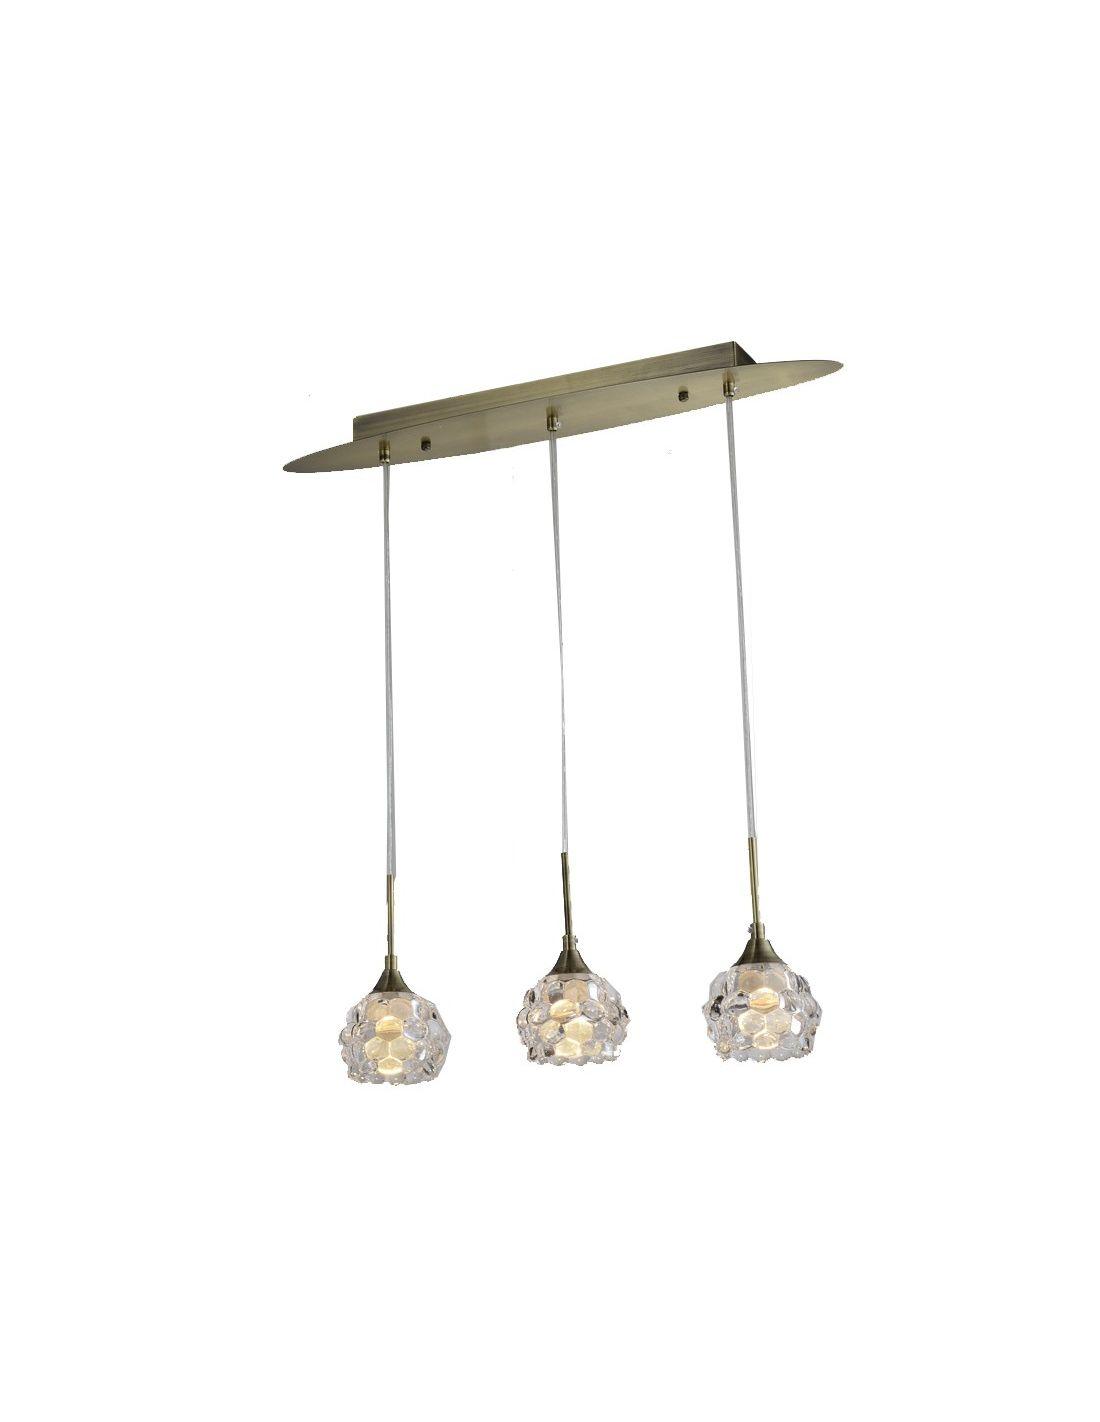 L mpara plaf n 3 luces altura ajustable con tulipas de - Lamparas de exterior baratas ...